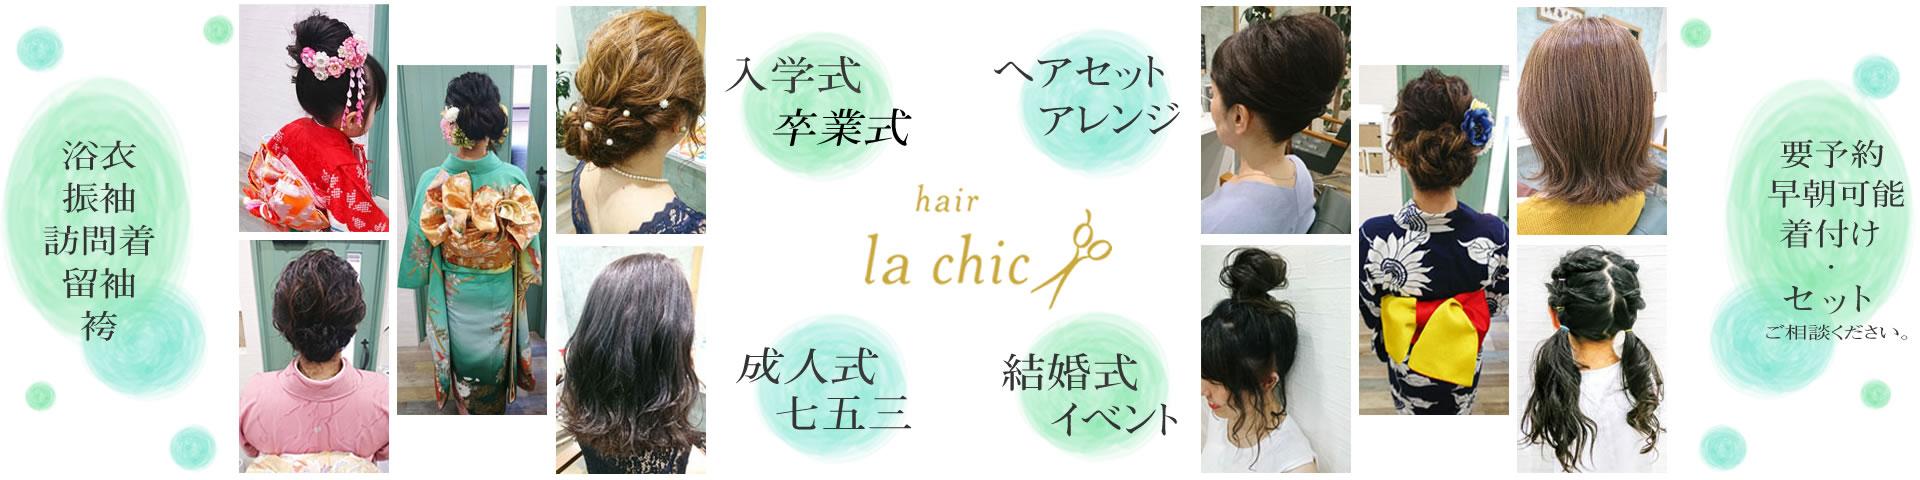 布施 美容室 hair la chic(ヘアー ラシック)